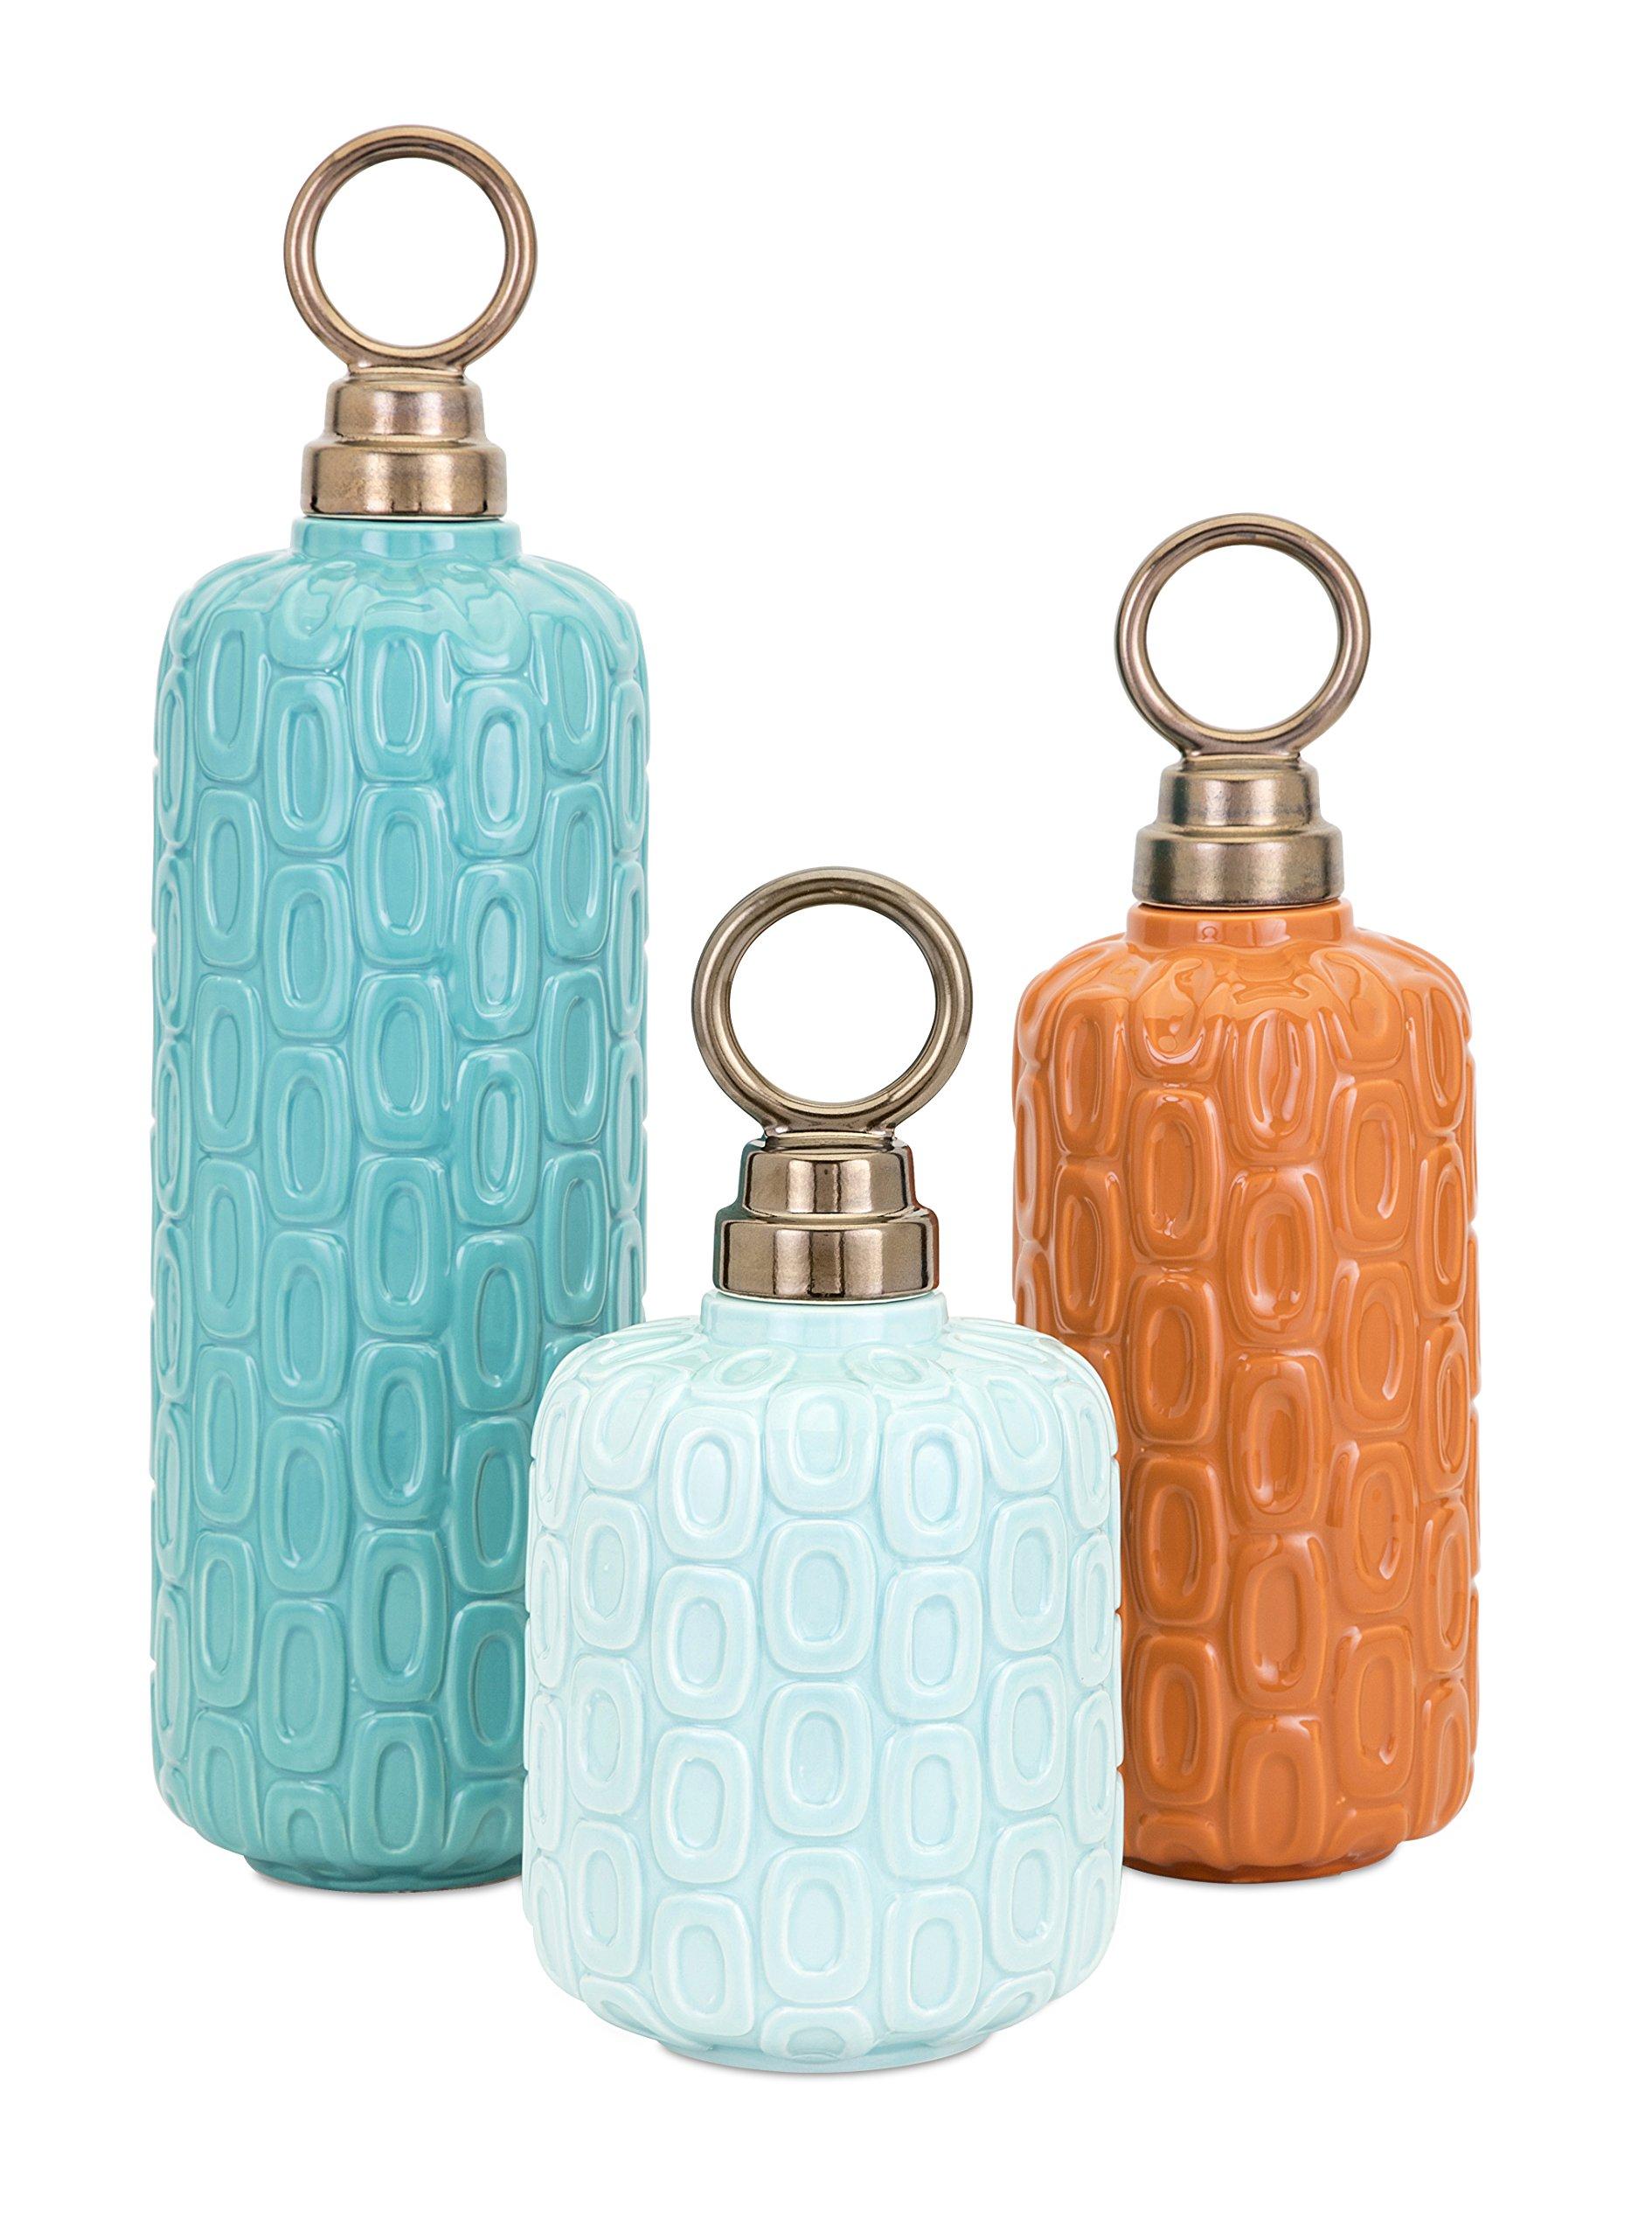 Imax Leander Ceramic Jars - Set of Three